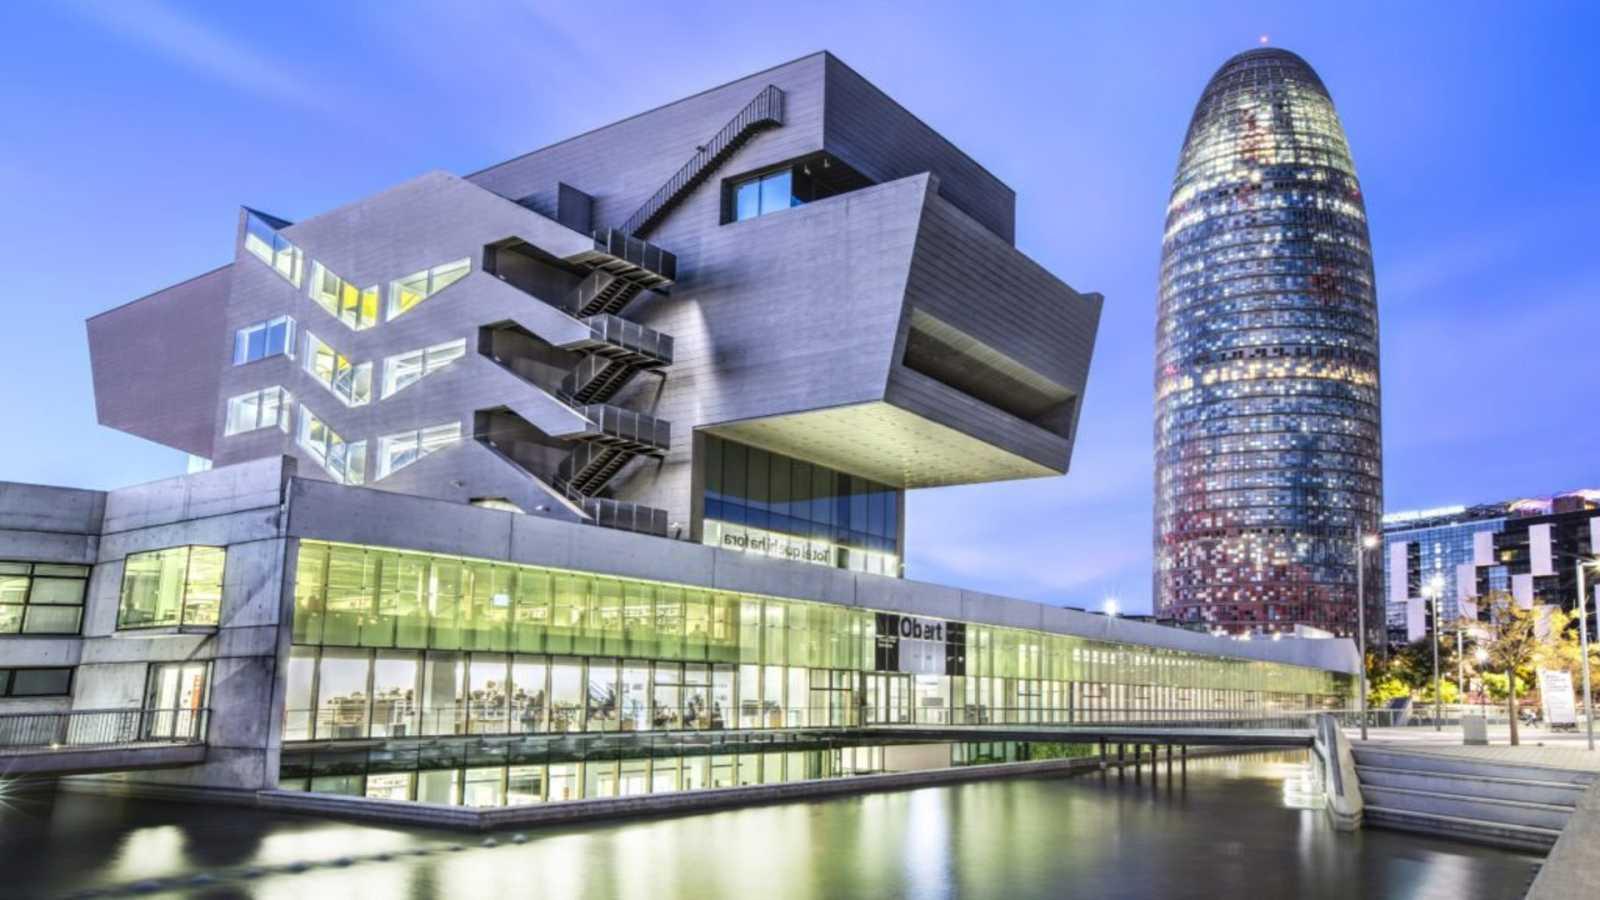 Escapadas - Museo del diseño de Barcelona - 29/02/20 - Escuchar ahora